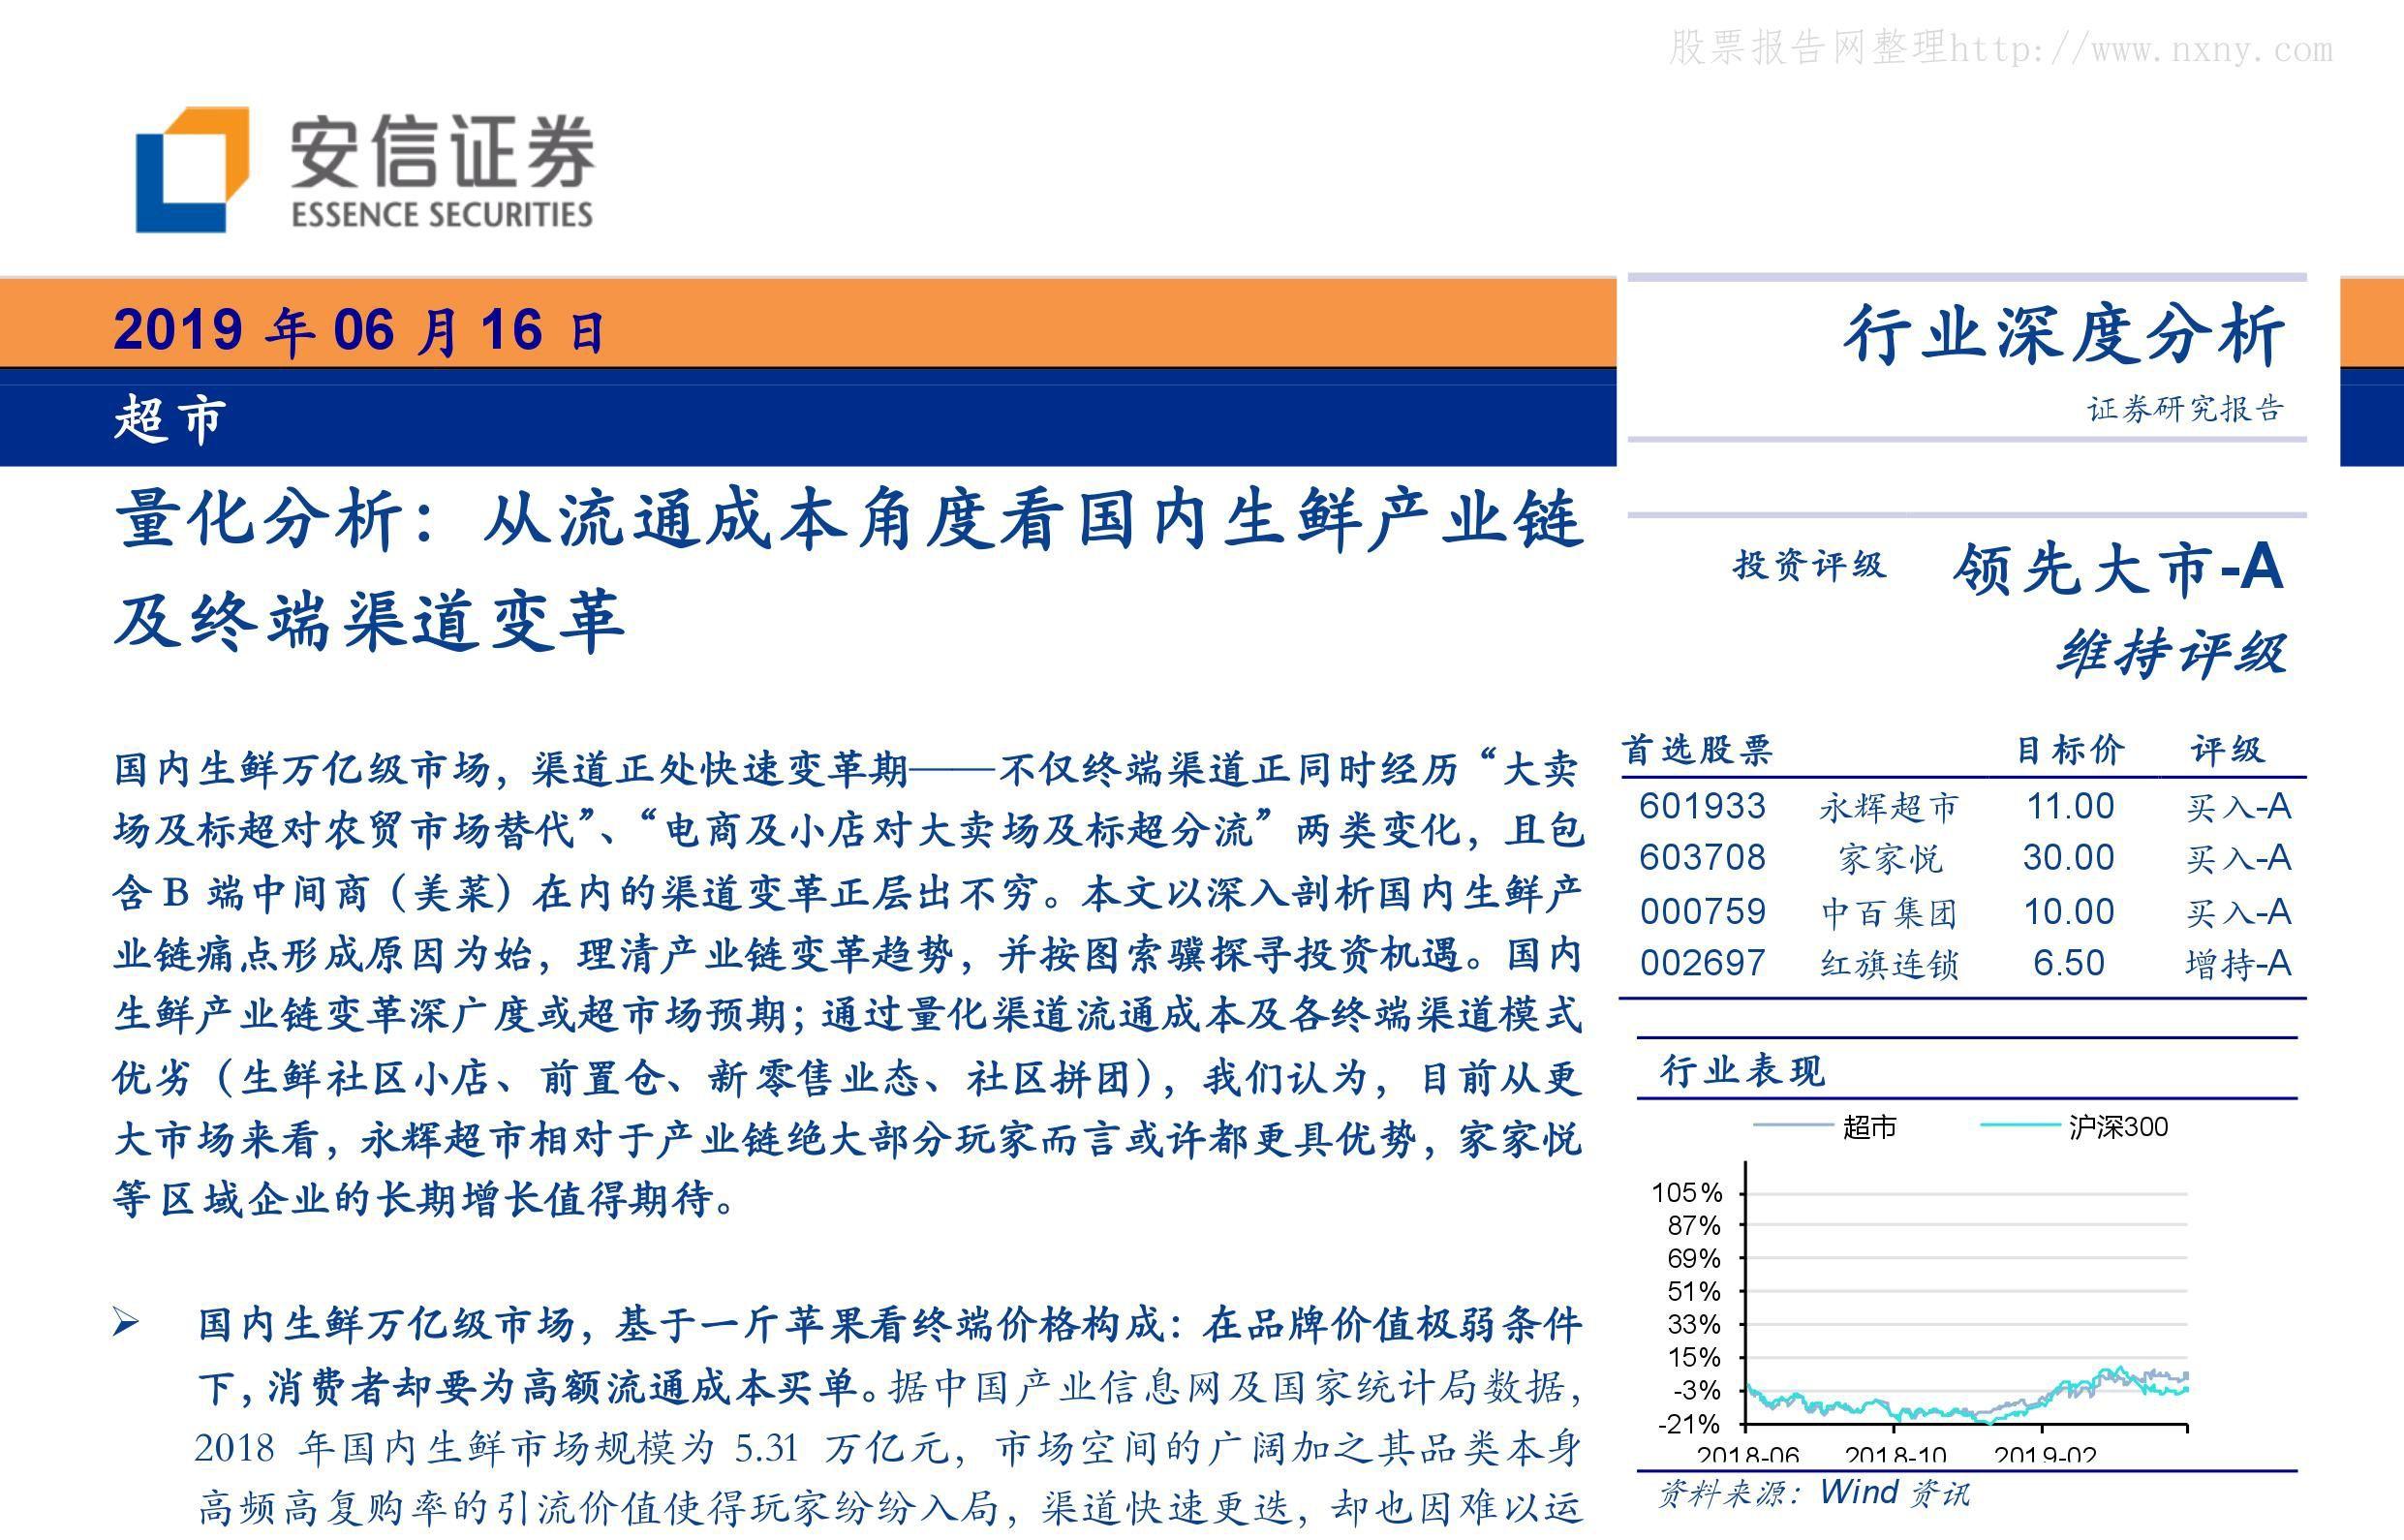 超市-量化分析:从流通成本角度看国内生鲜产业链及终端渠道变革(内附完整下载)